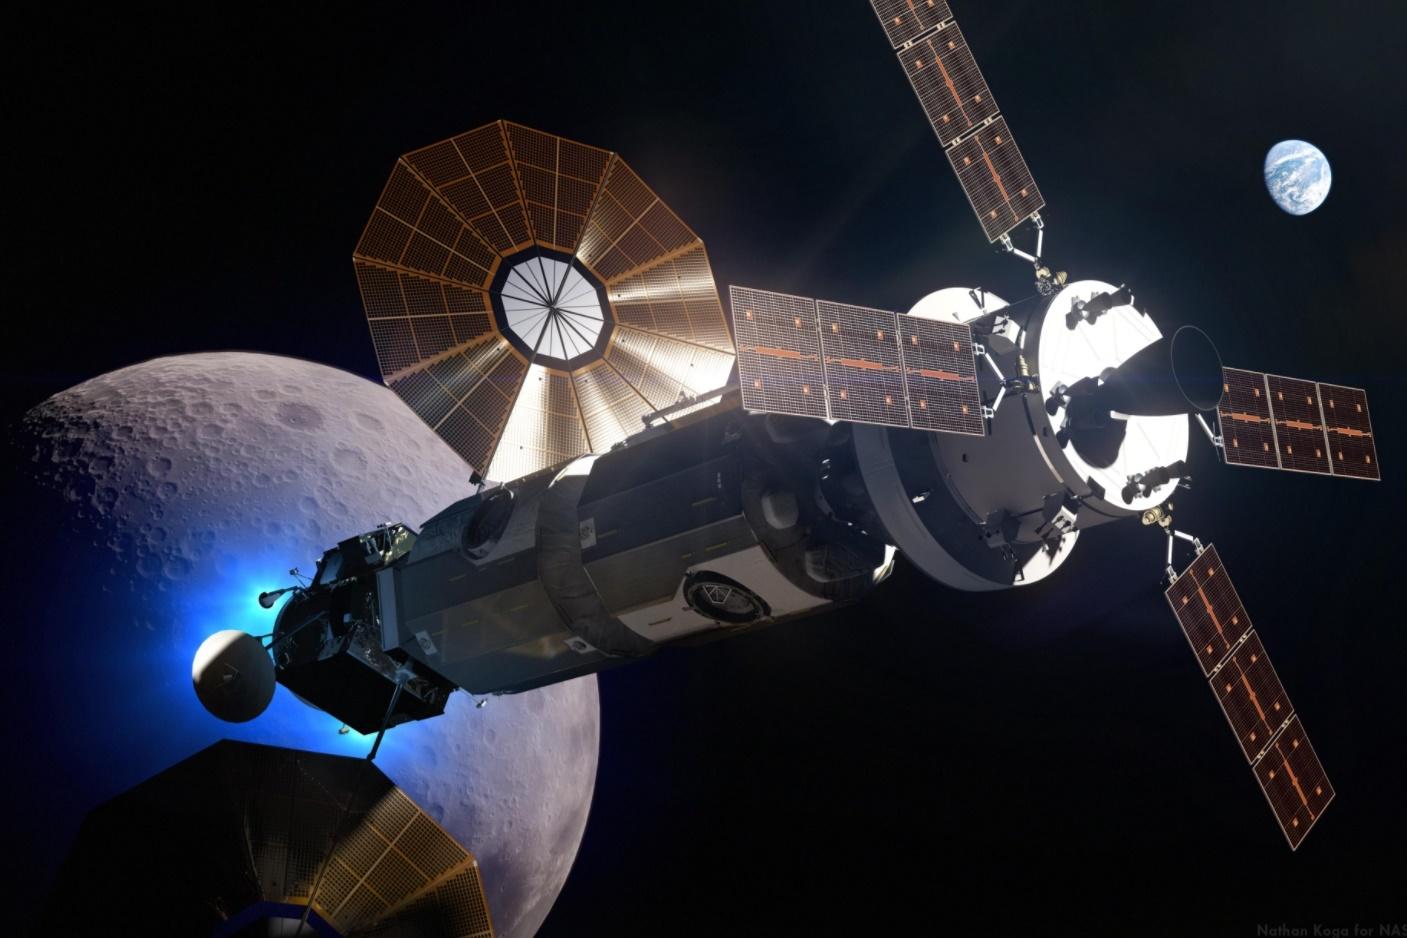 Imagem de Construção de estação espacial lunar começa em 2019, segundo a NASA no tecmundo